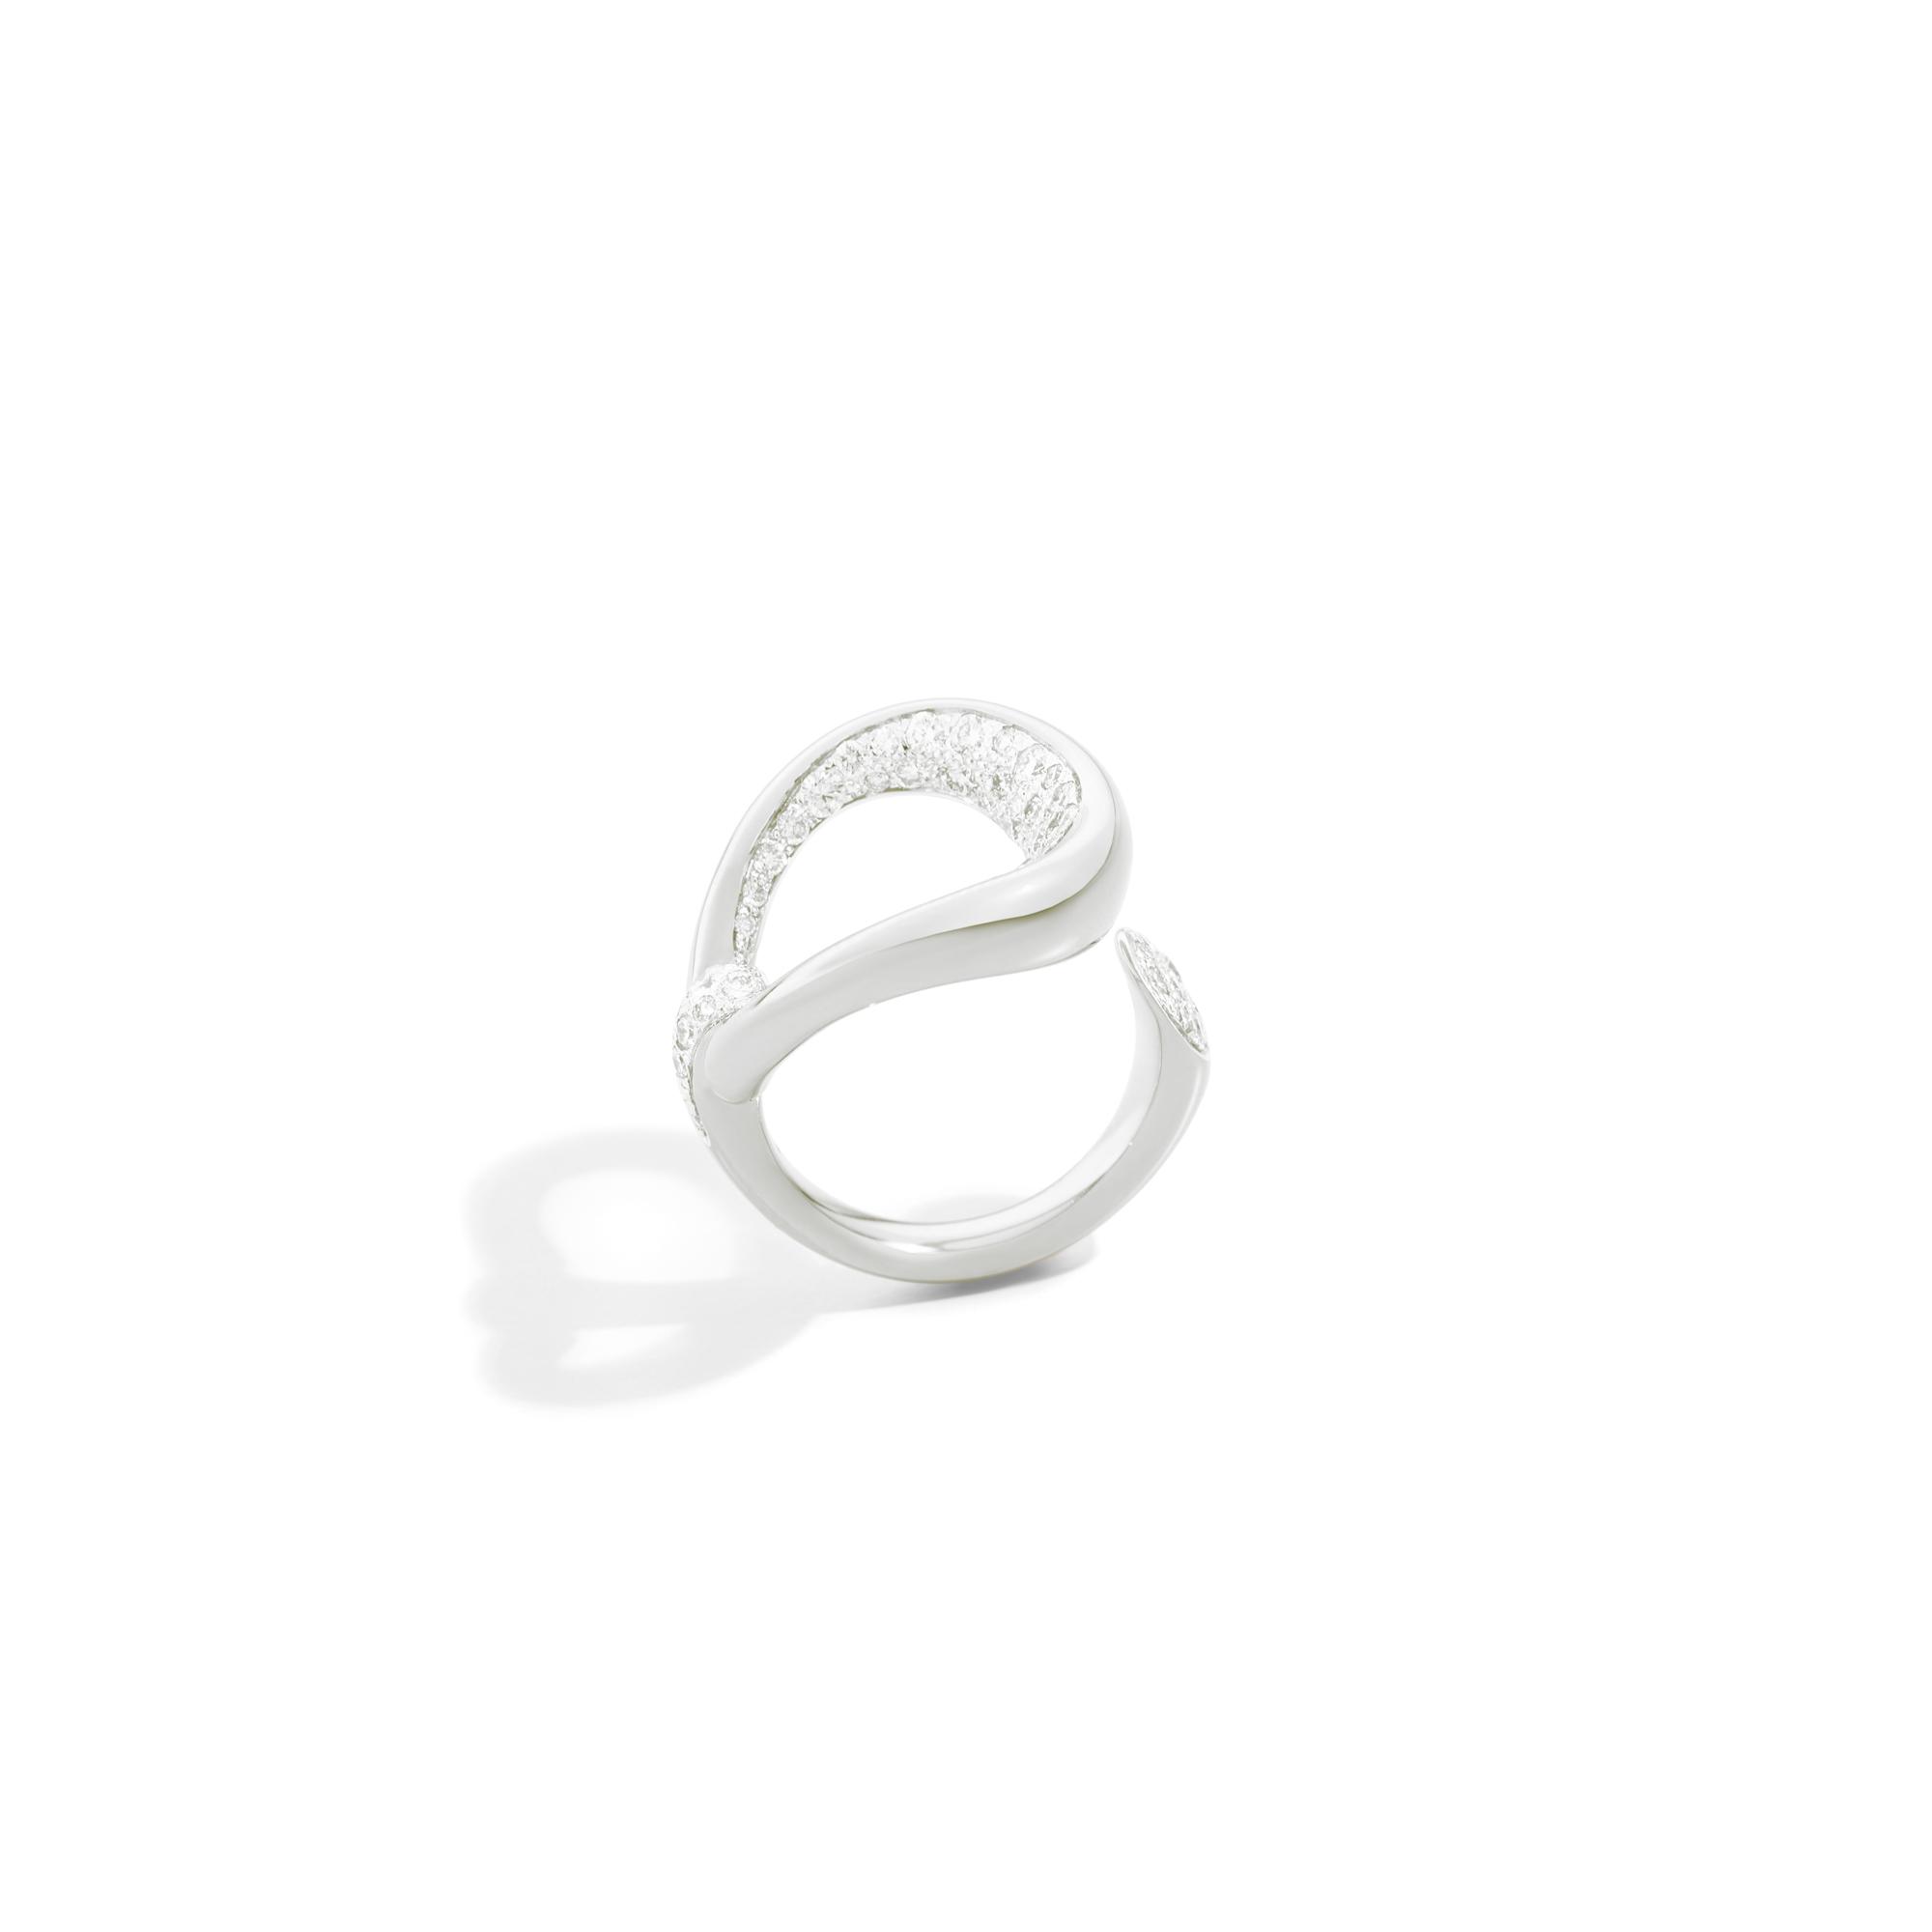 Pomellato Fantina Ring aus Weissgold mit Brillanten